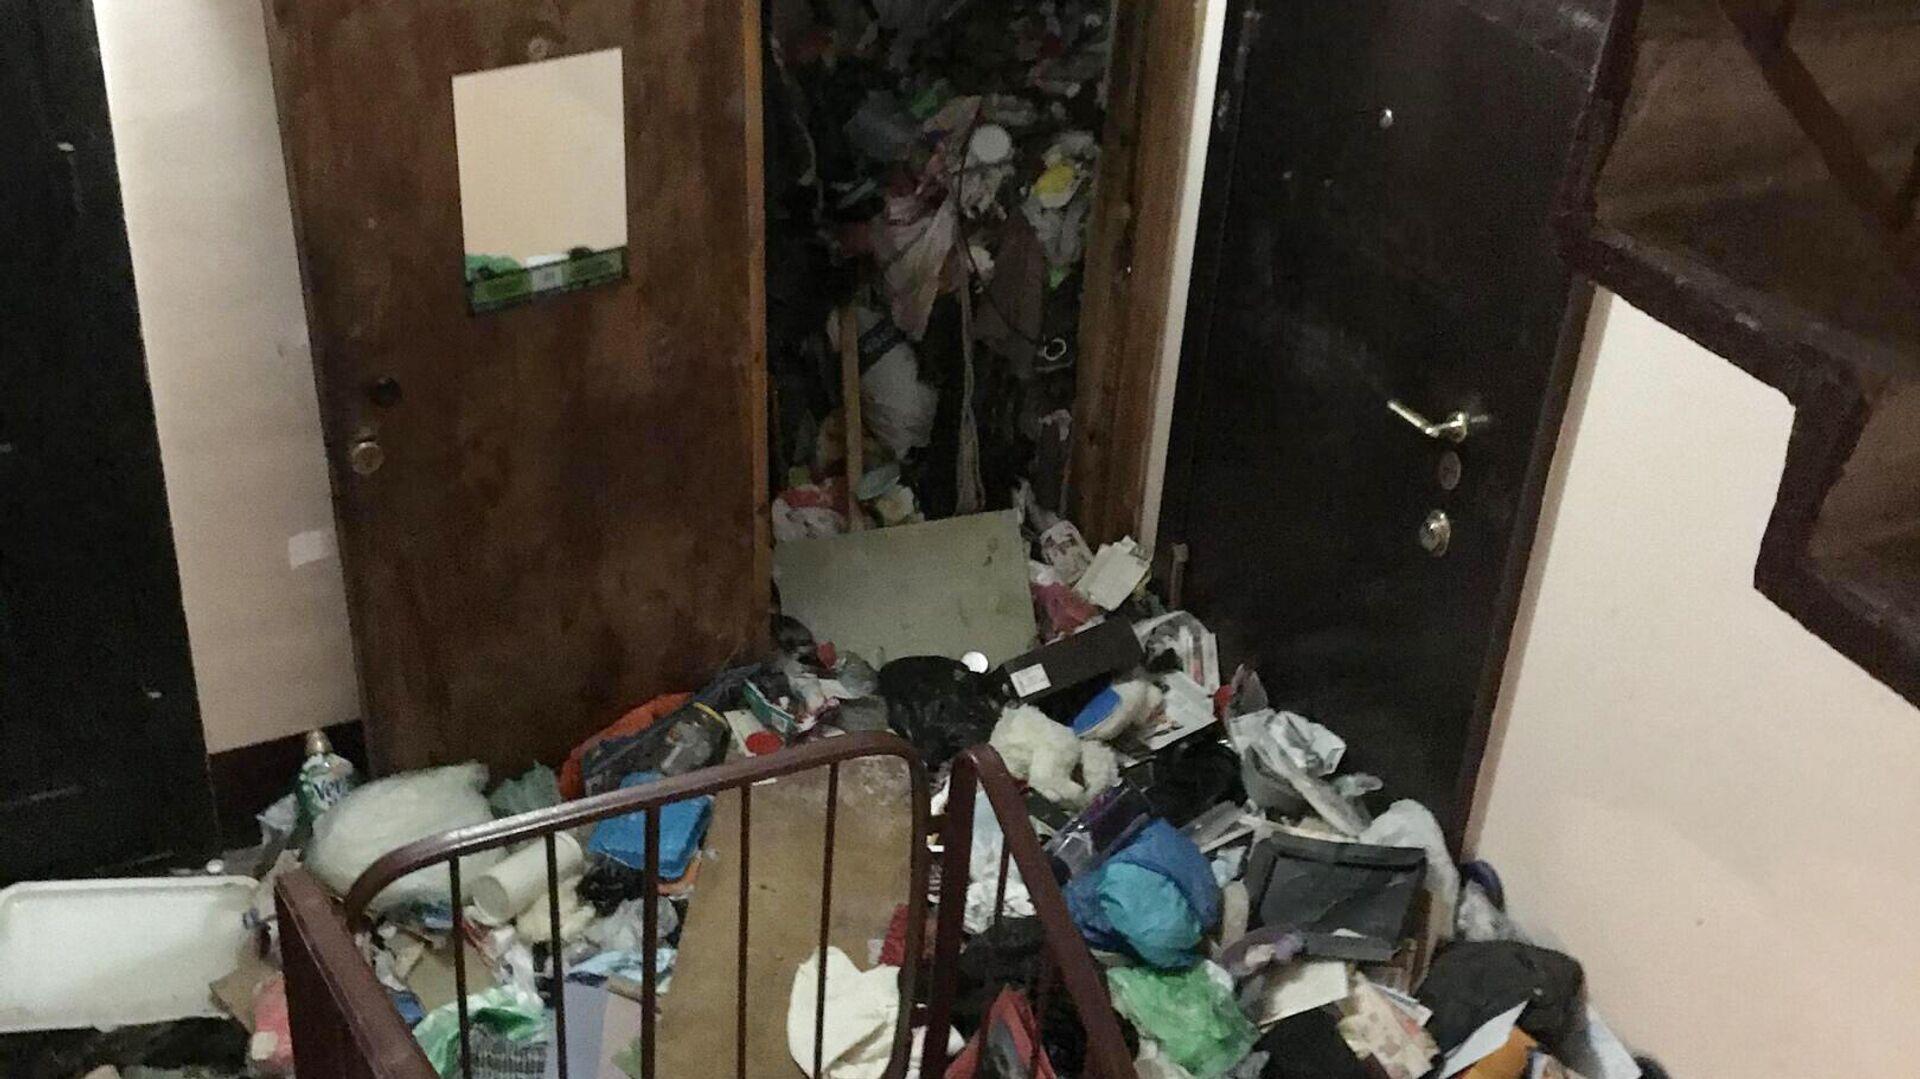 Квартира в Петербурге, заполненная мусором - РИА Новости, 1920, 18.09.2020